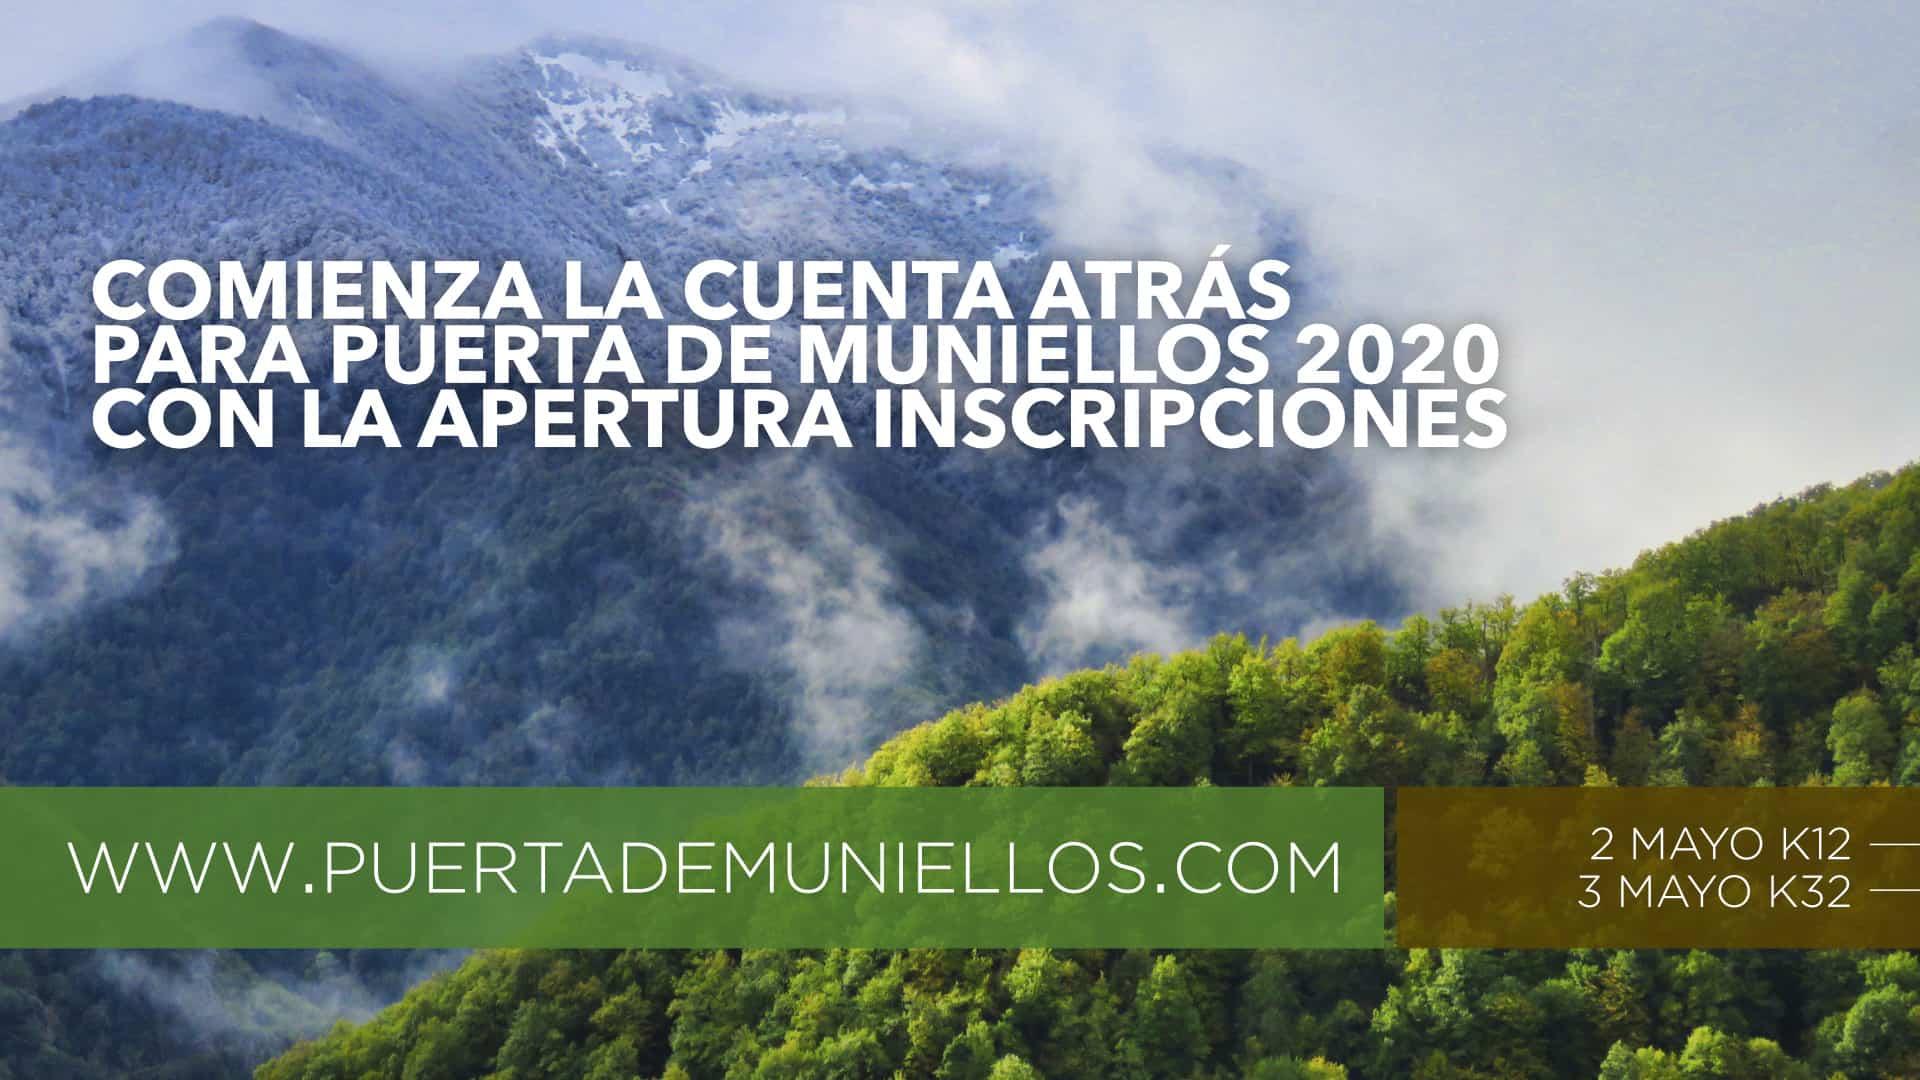 Inscripciones Puerta de Muniellos 2020